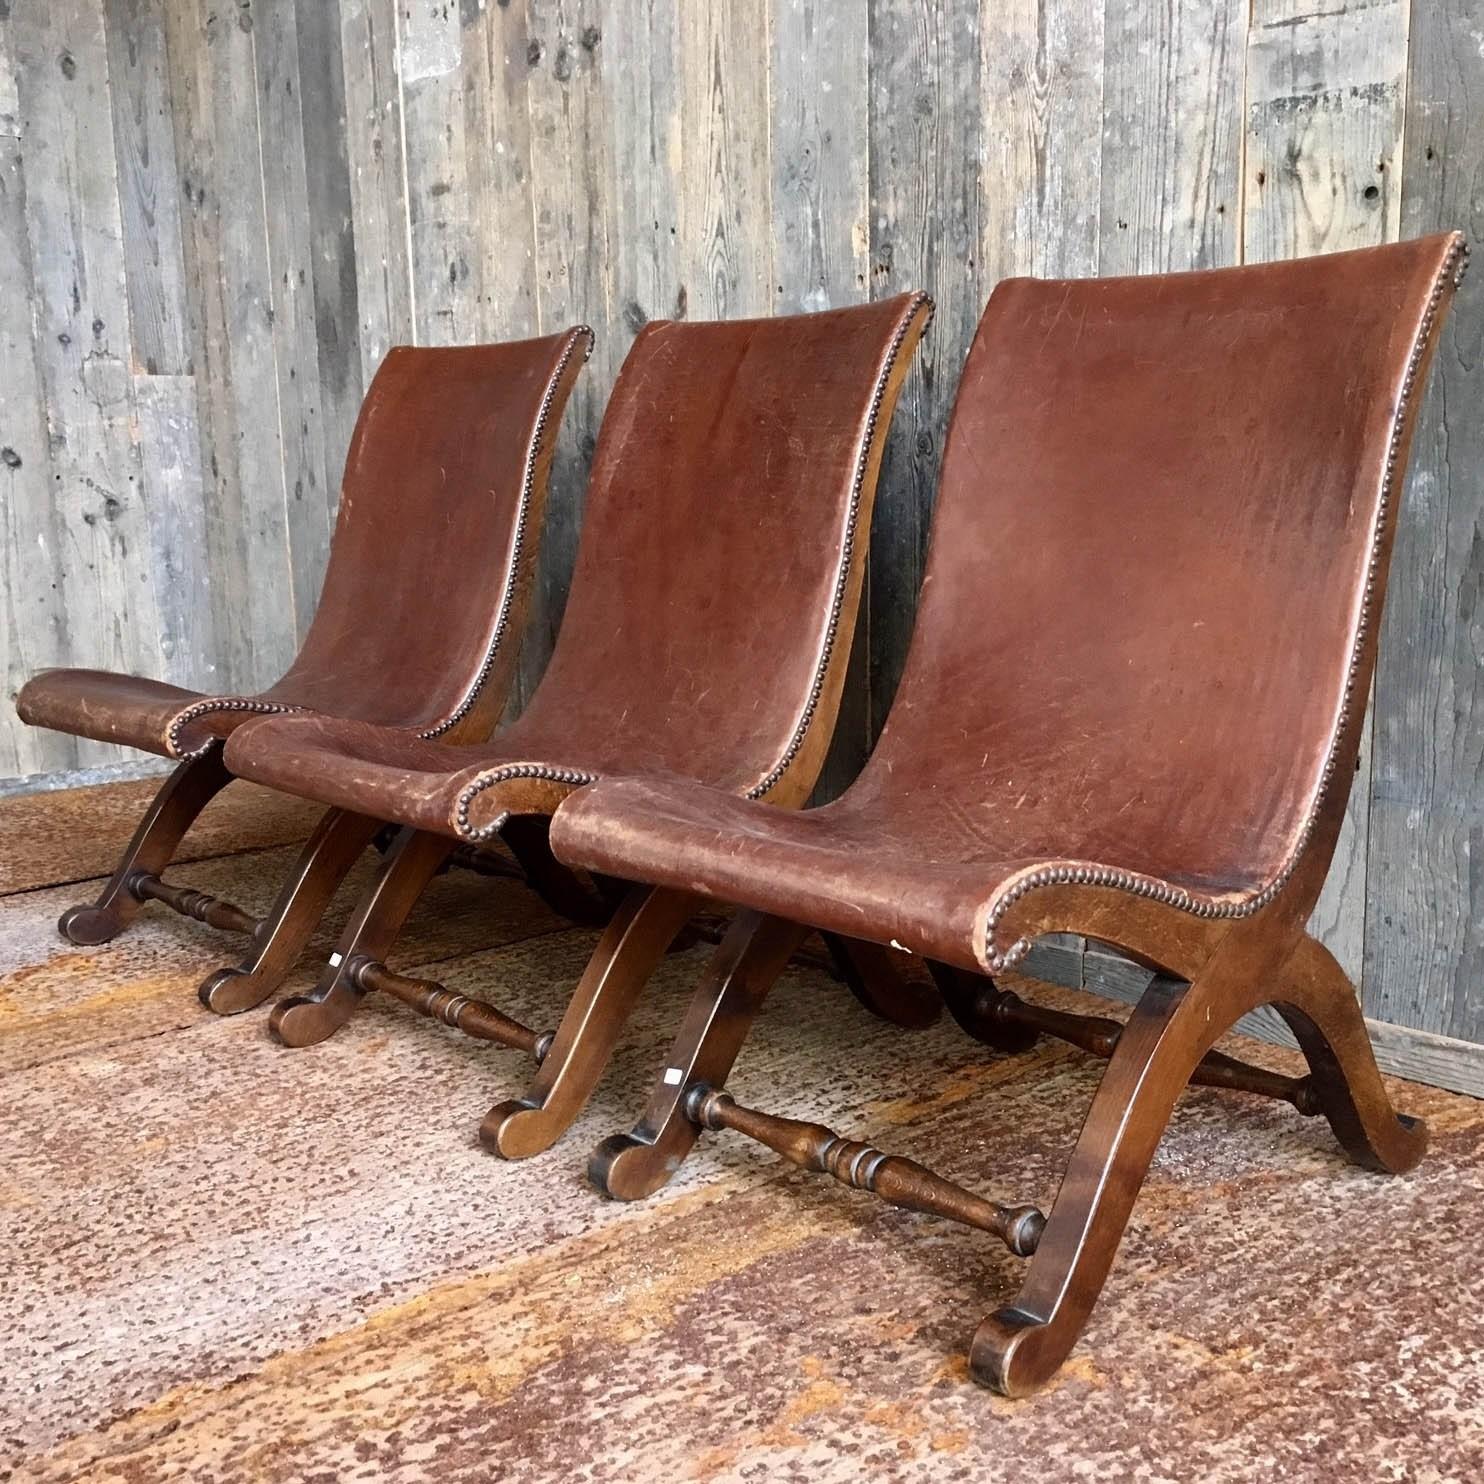 Slipper chairs, three leather and walnut twenties Spanish chairs